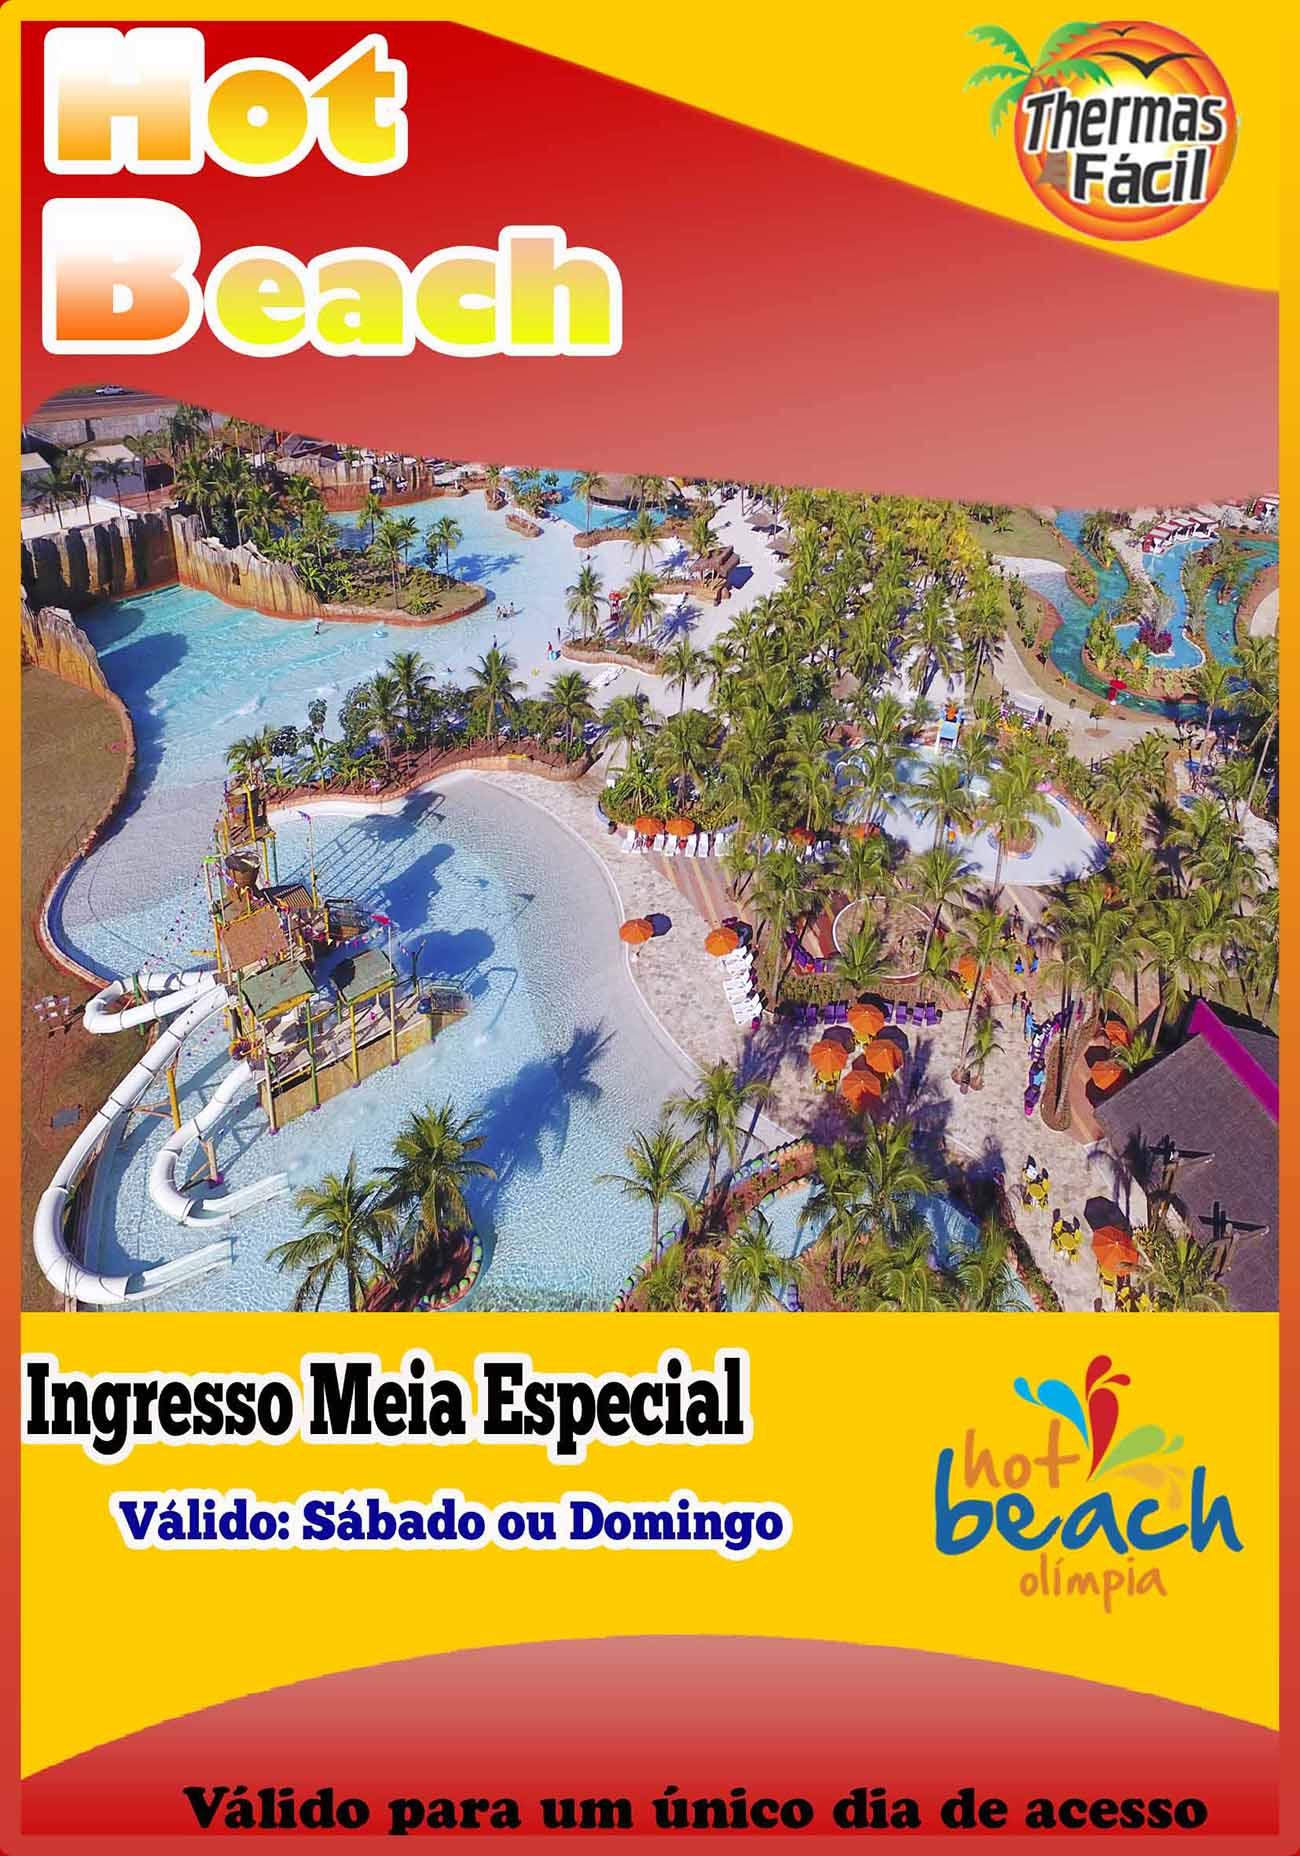 Ingresso Meia - Feriados Especiais - Hot Beach  - Thermas Fácil